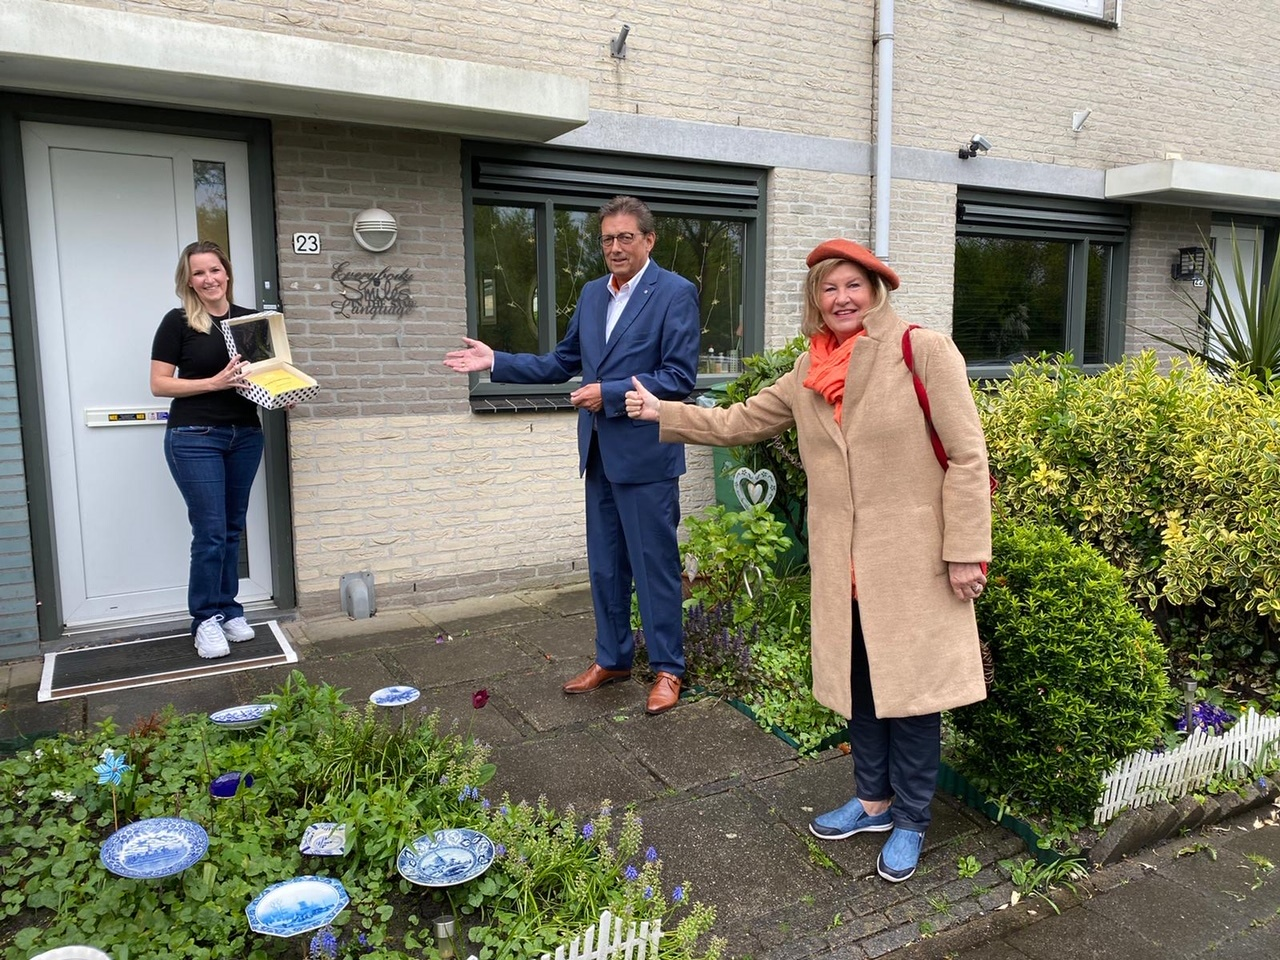 koningsdag_amstelveen_oranje2.jpg